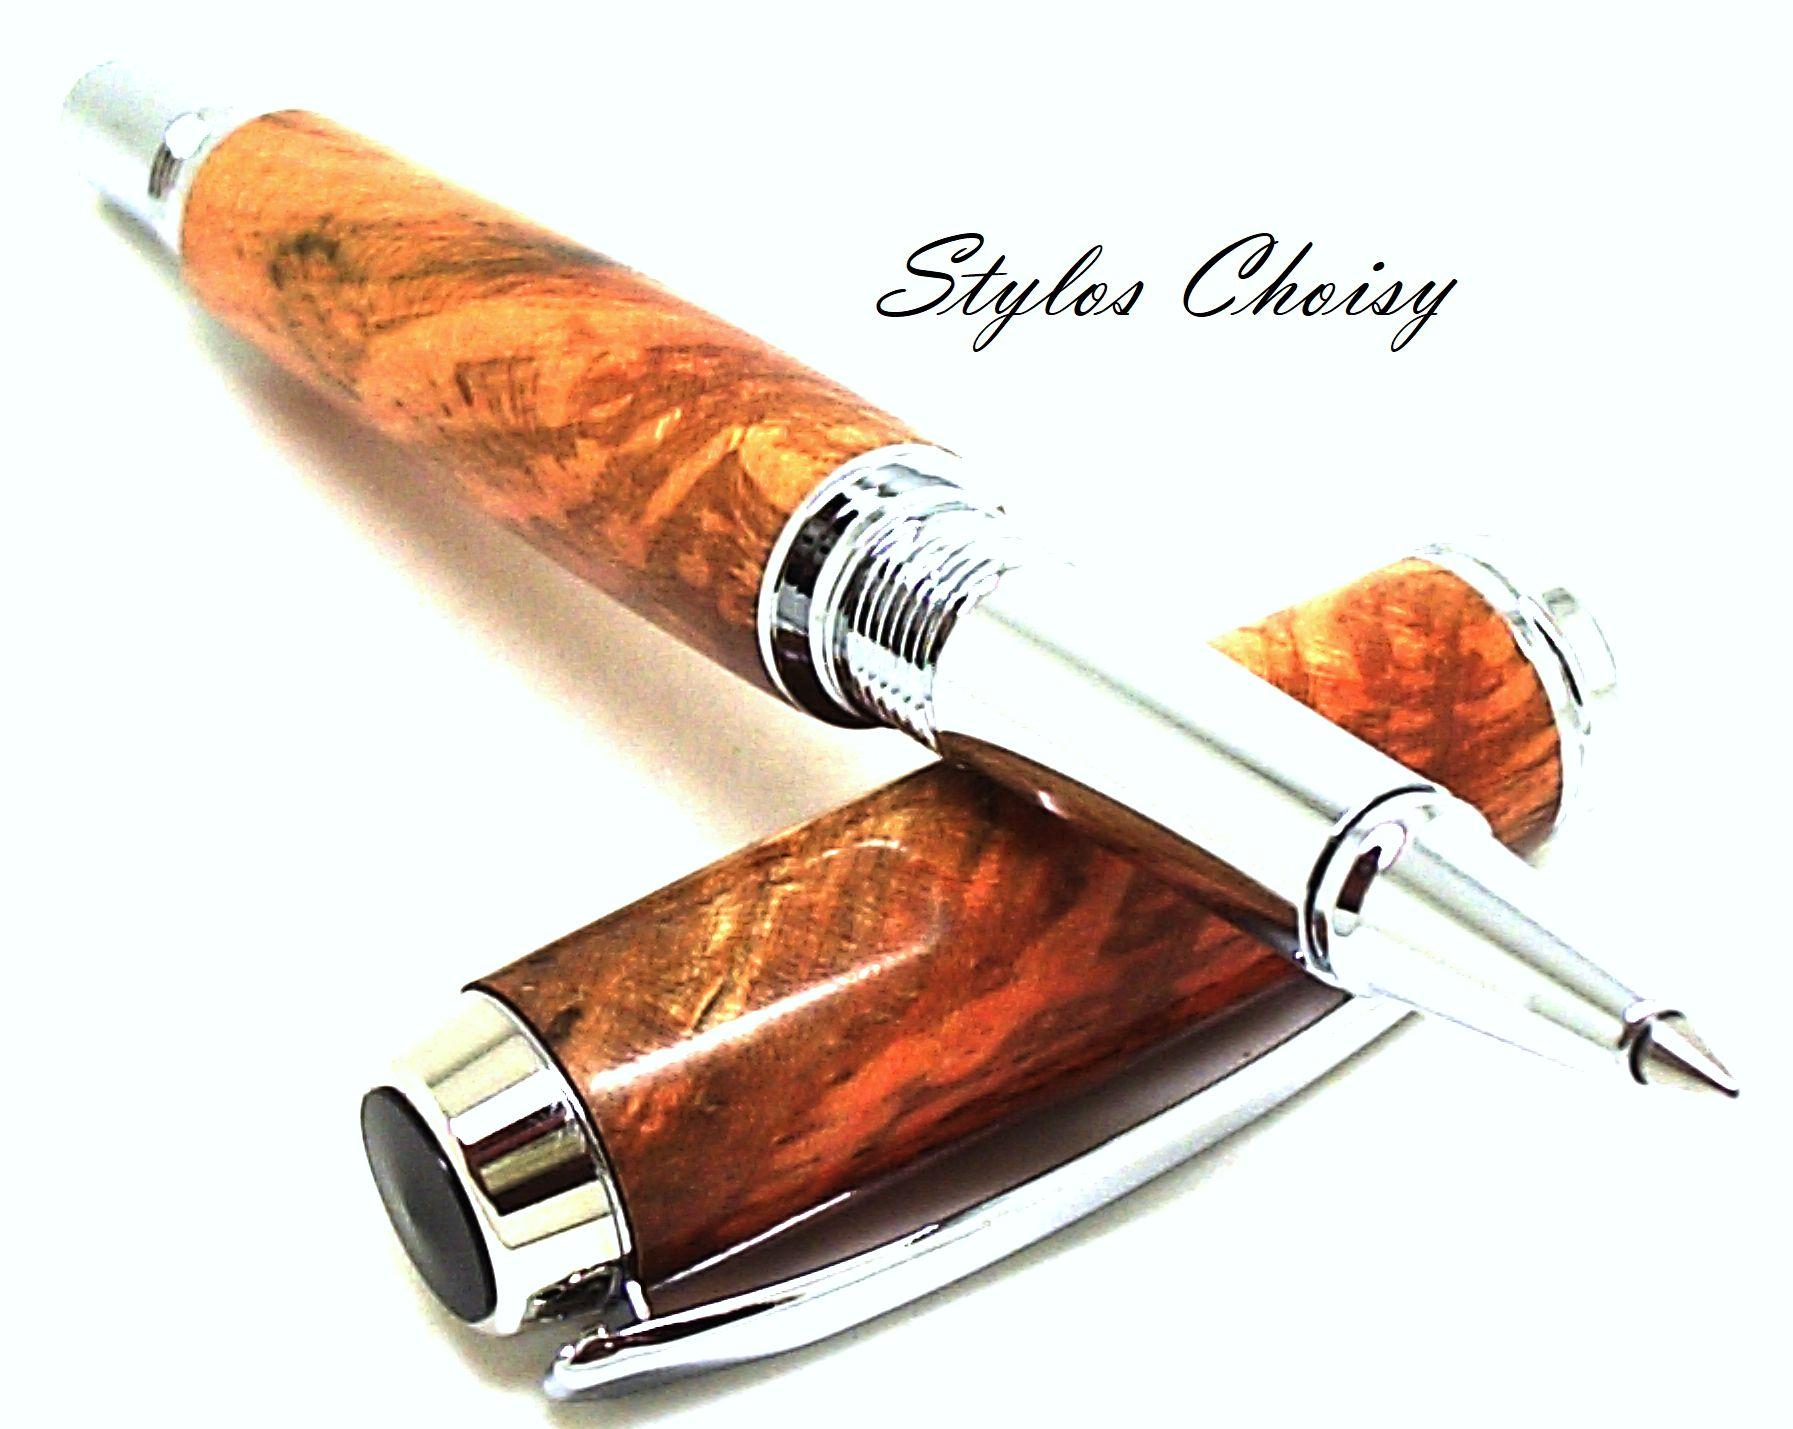 Roller decouverte hetre echauffe stabilise orange et chrome 4